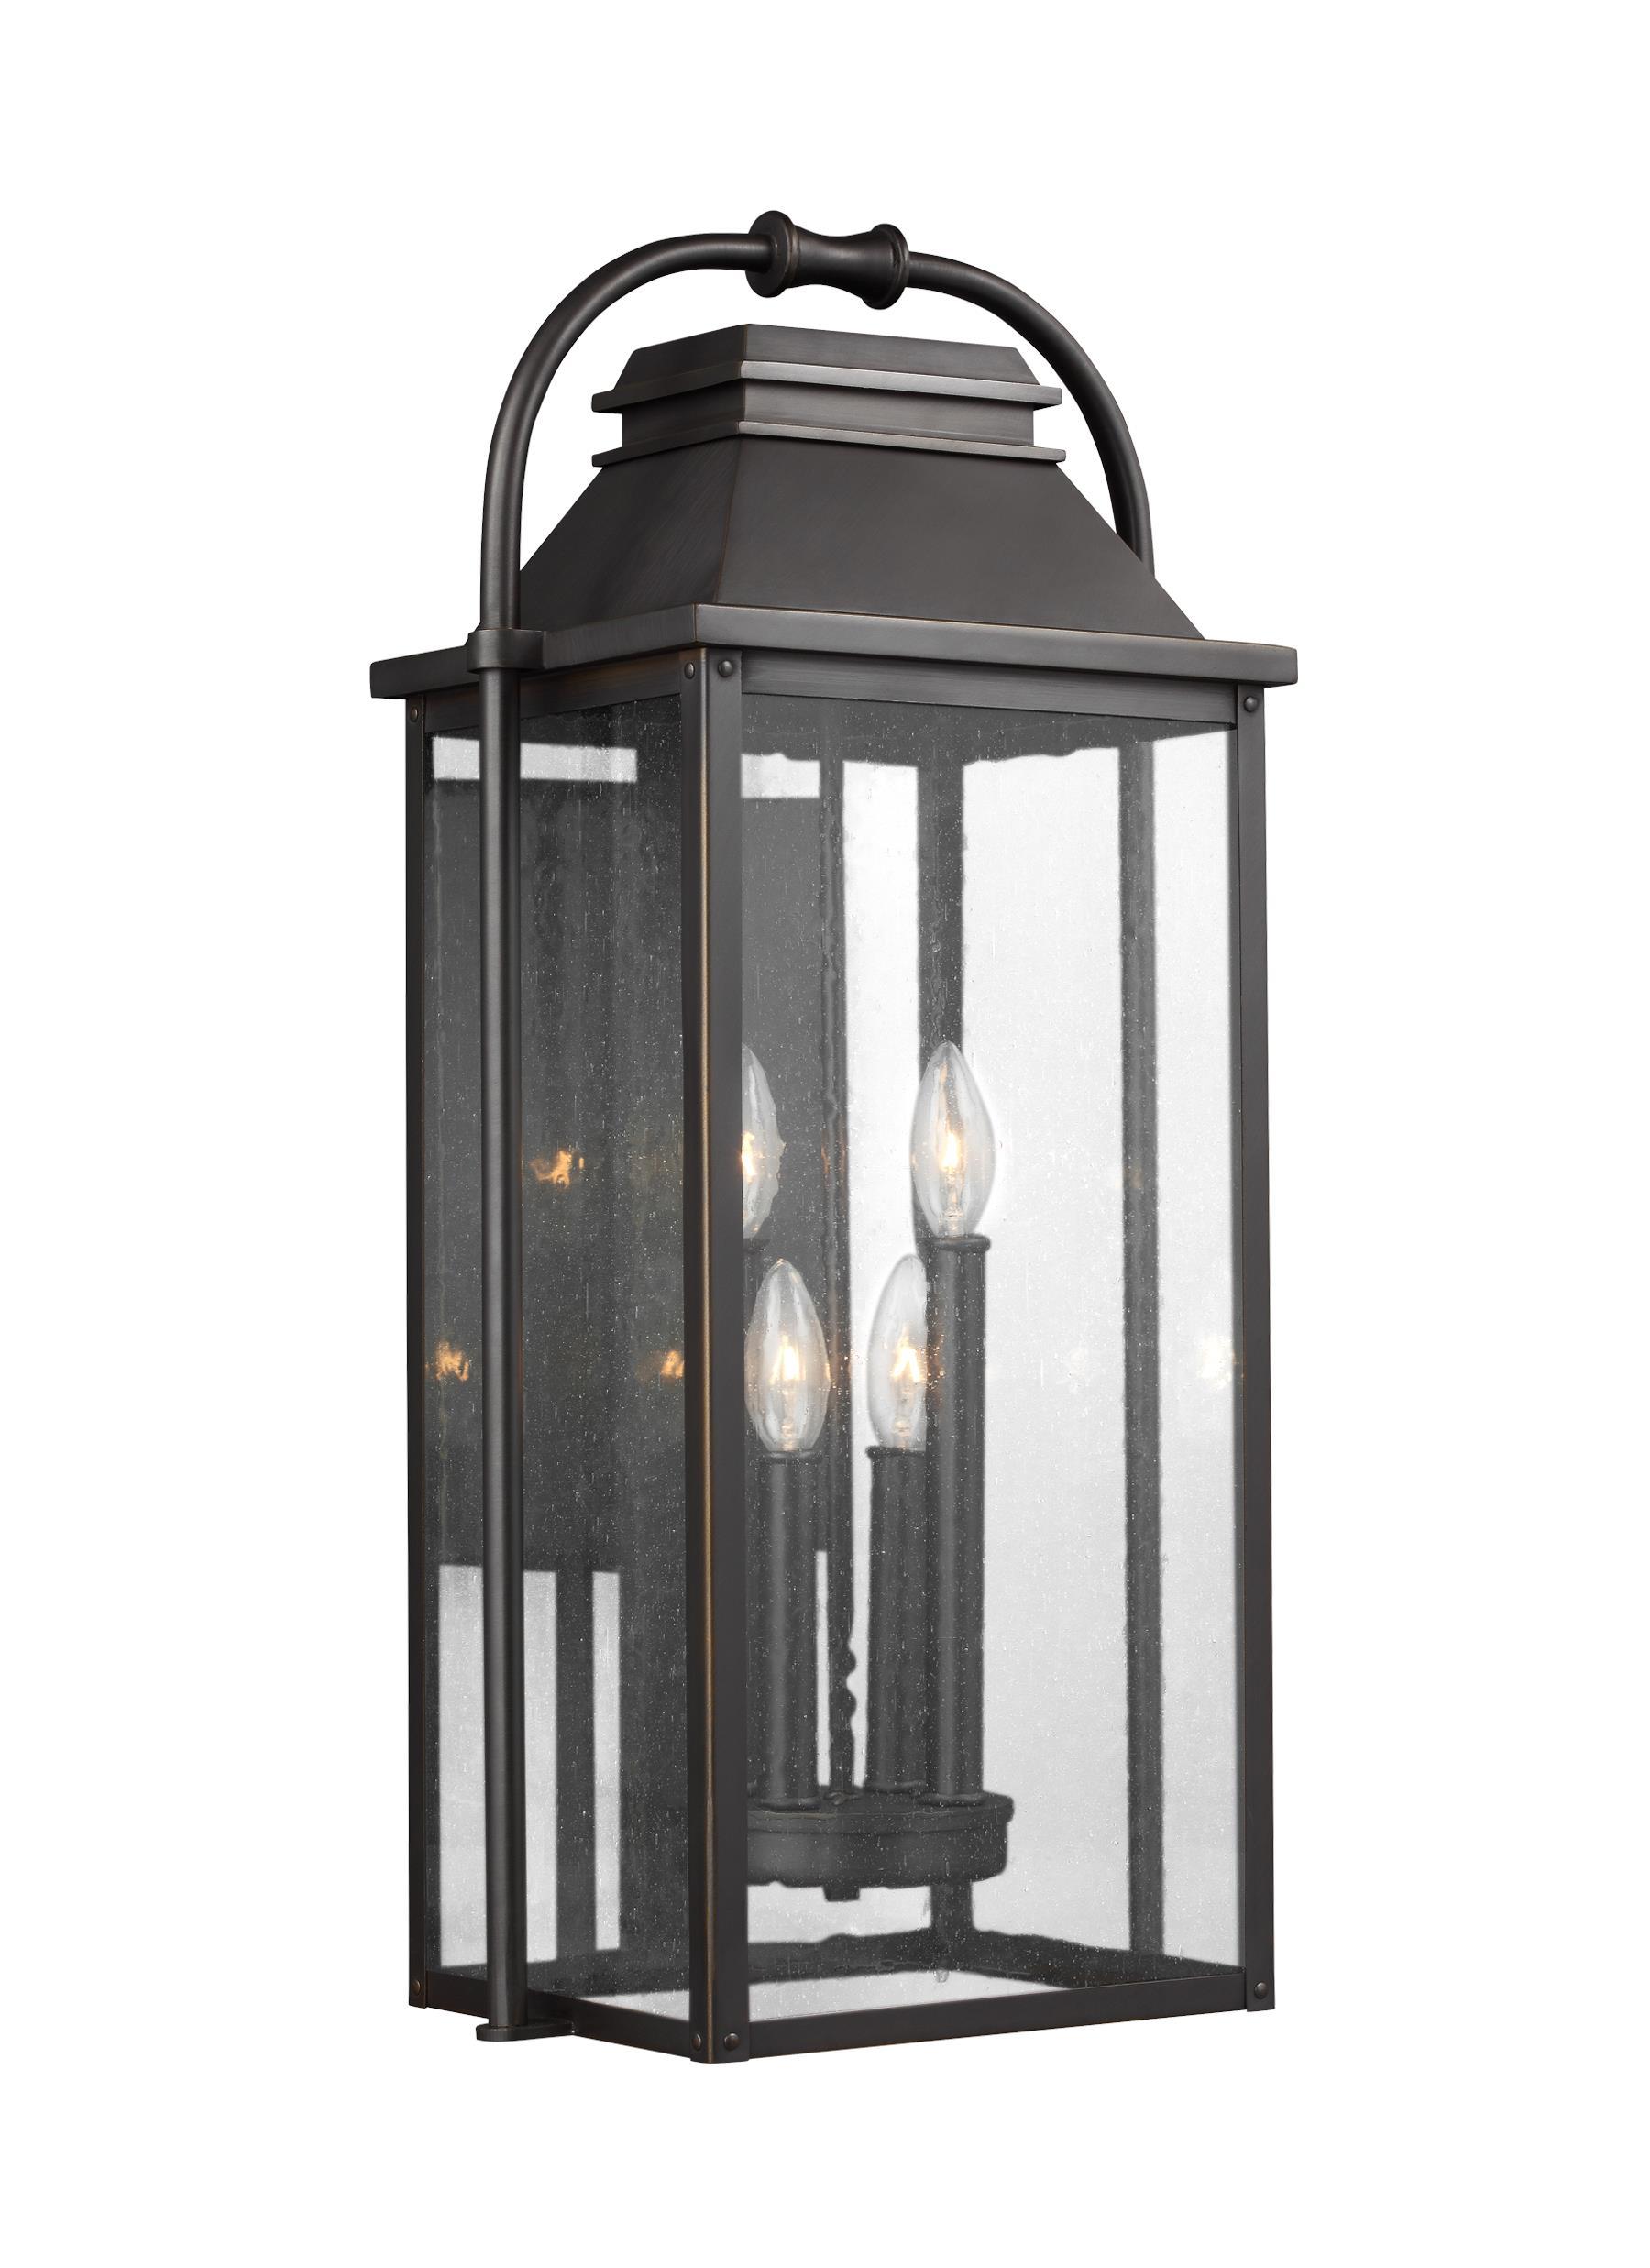 OL13202ANBZ,4 - Light Outdoor Wall Lantern,Antique Bronze